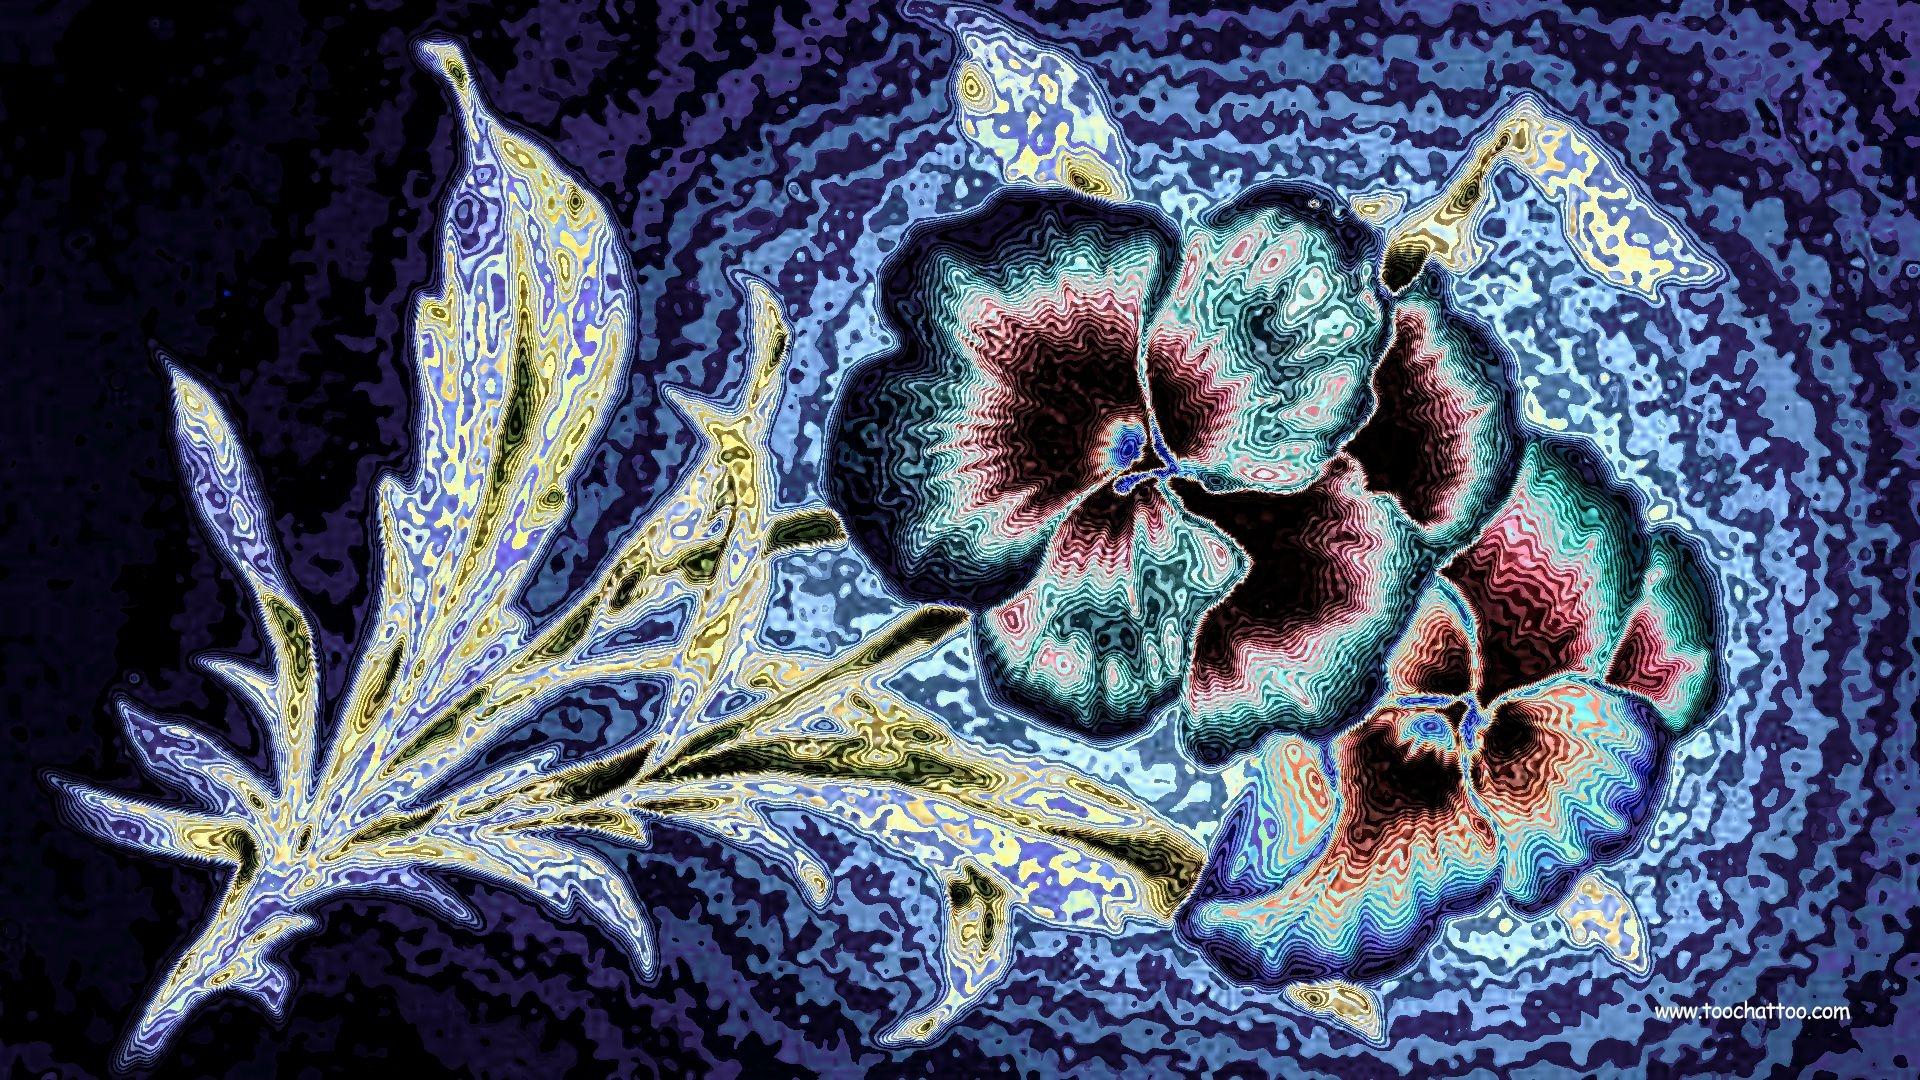 Fond D Ecran Nature Fleur Et Paysage Wallpaper 1920x1080